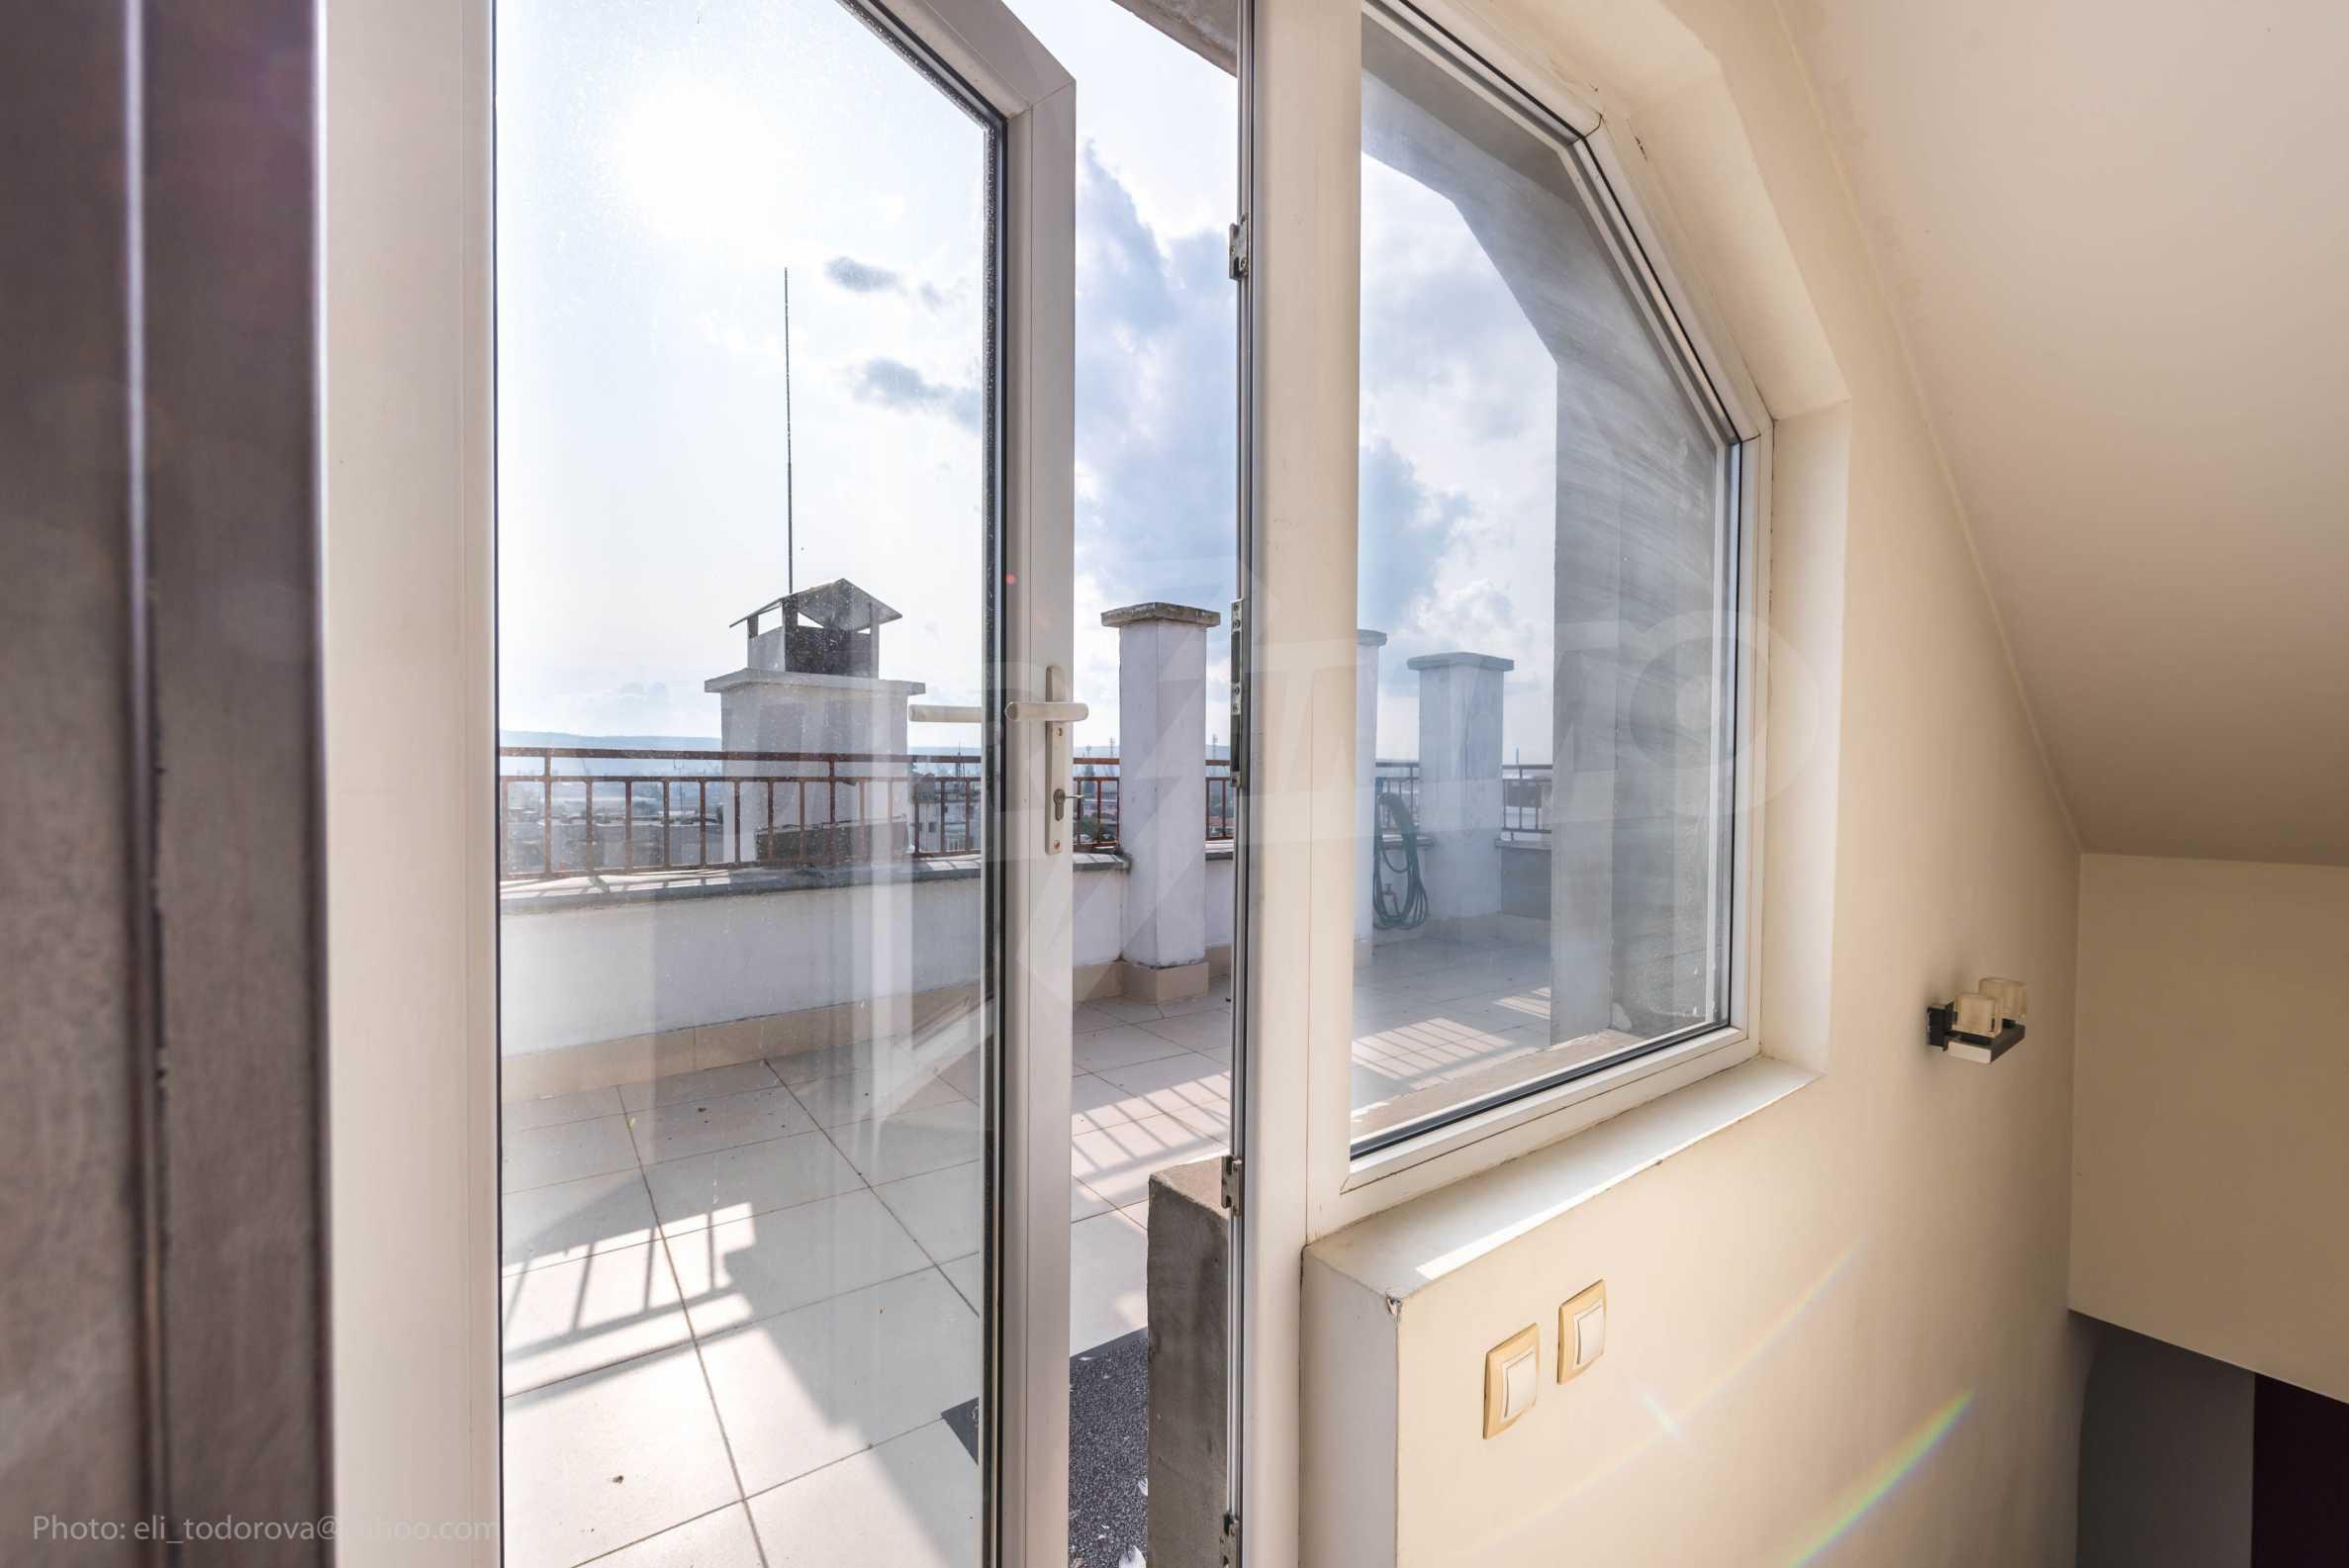 Квартира «Миша» - отличная трехкомнатная недвижимость в идеальном центре. 23